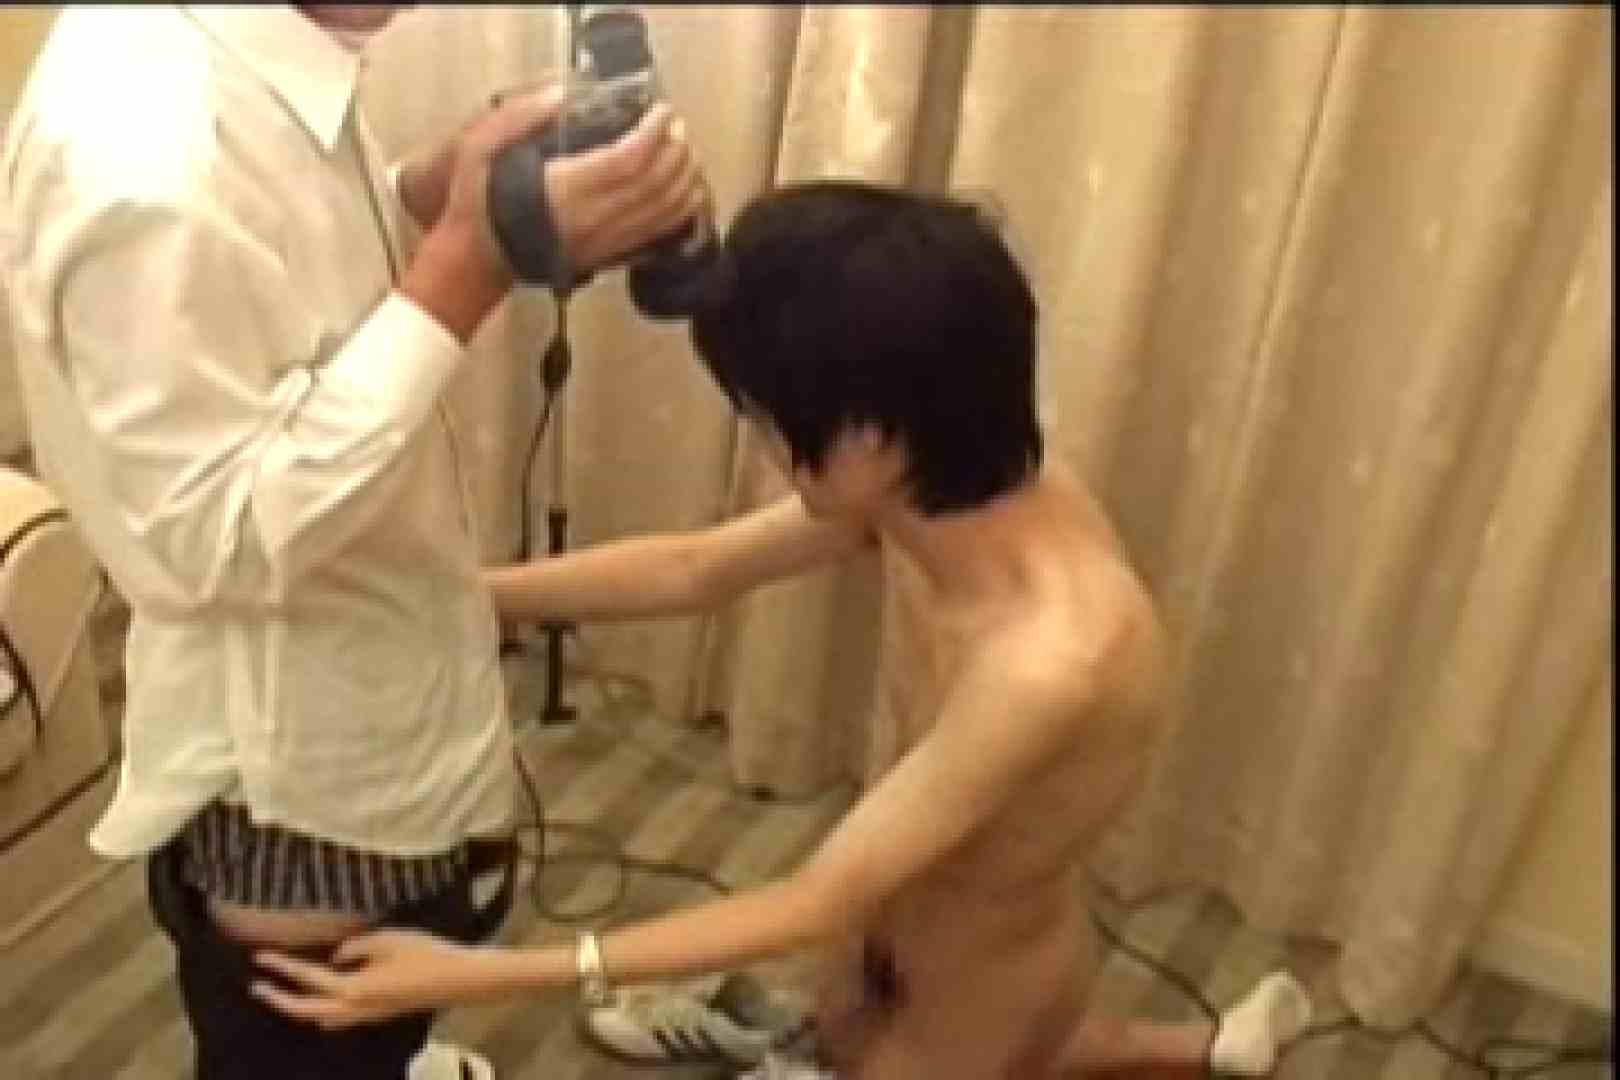 ハメ撮り!!面接FUCK!!Part.05 淫乱 ゲイアダルトビデオ画像 102pic 10